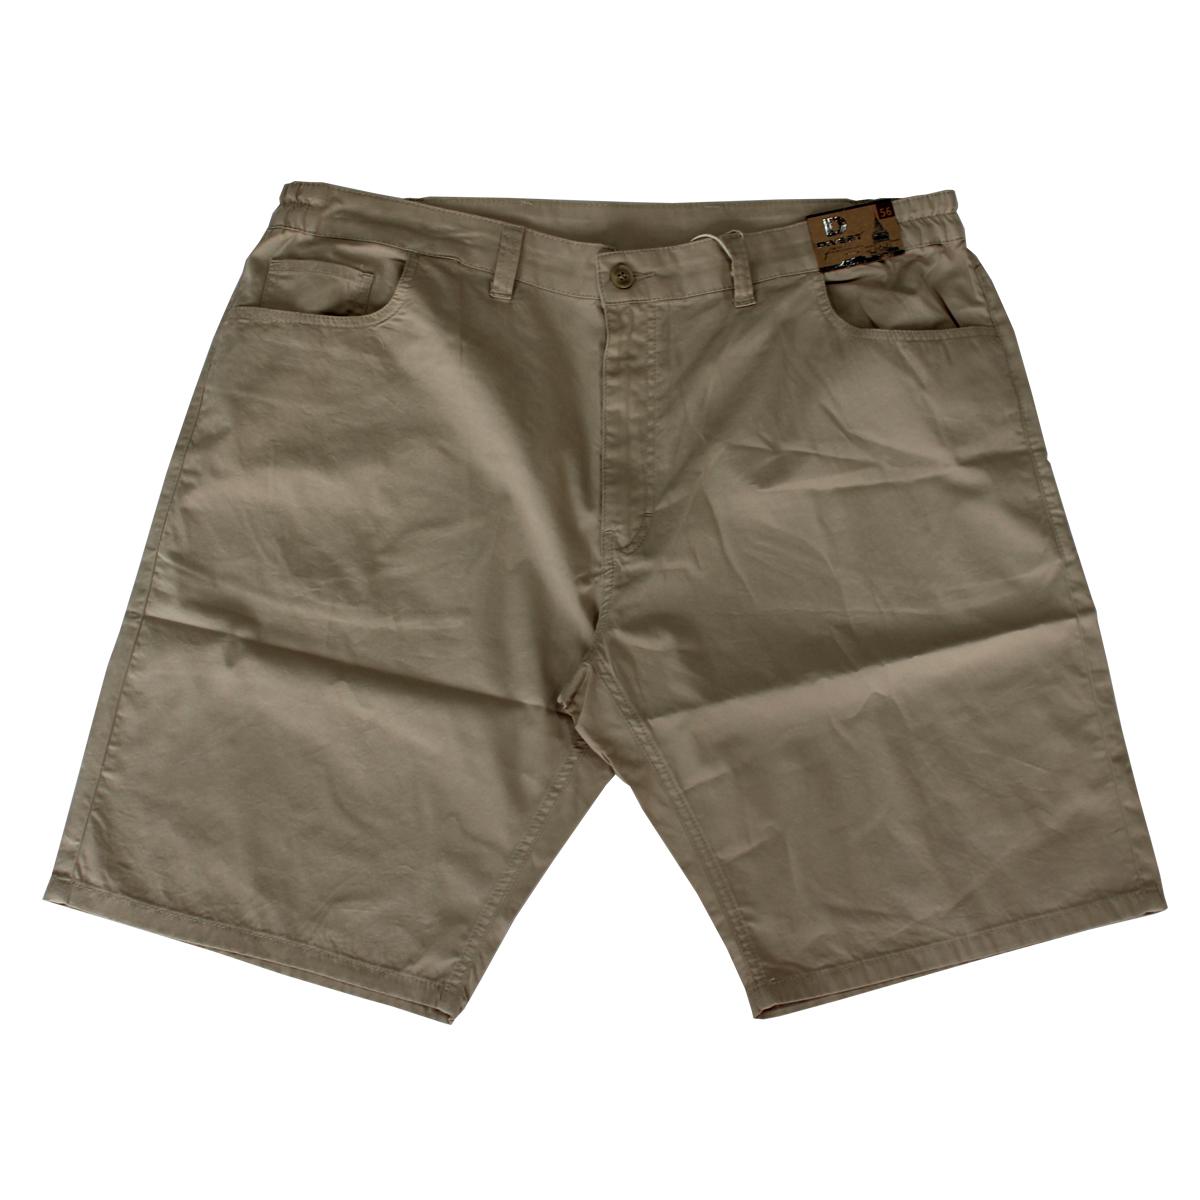 Pantalon scurt bej din doc, Marime 70 - egato.ro